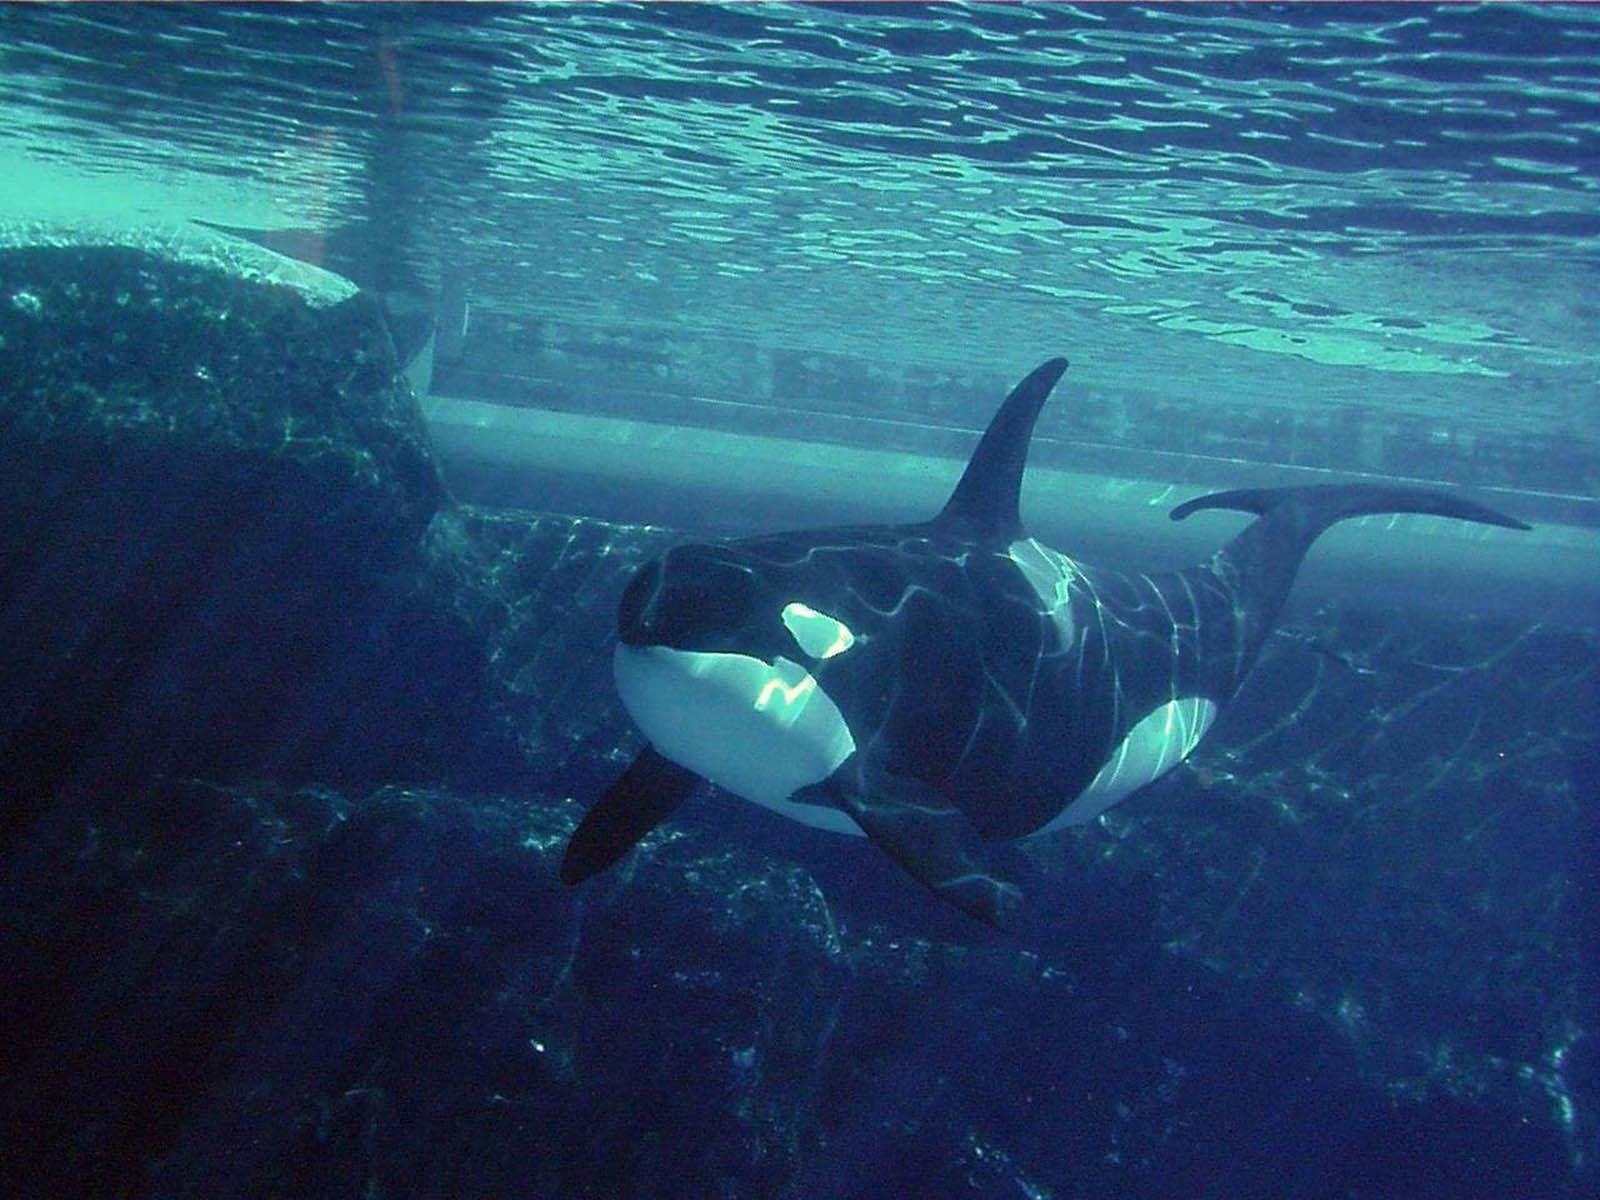 Orca Wallpaper 1980x1080p   Picseriocom 1600x1200